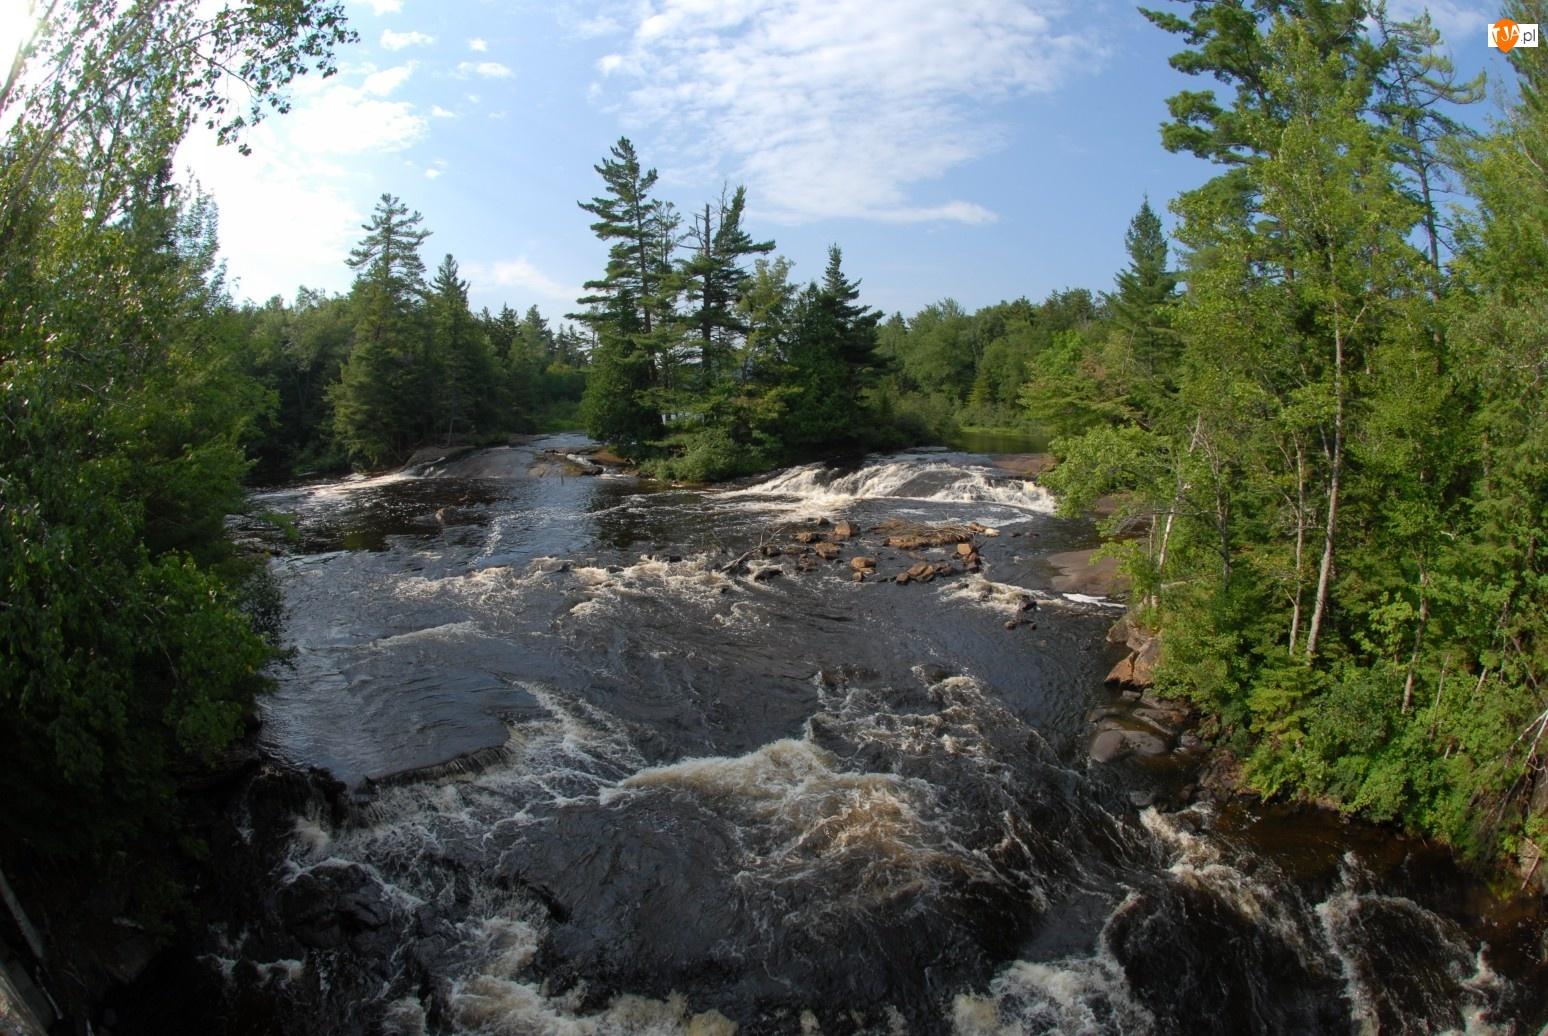 Lasy, Rzeka, Kamienie